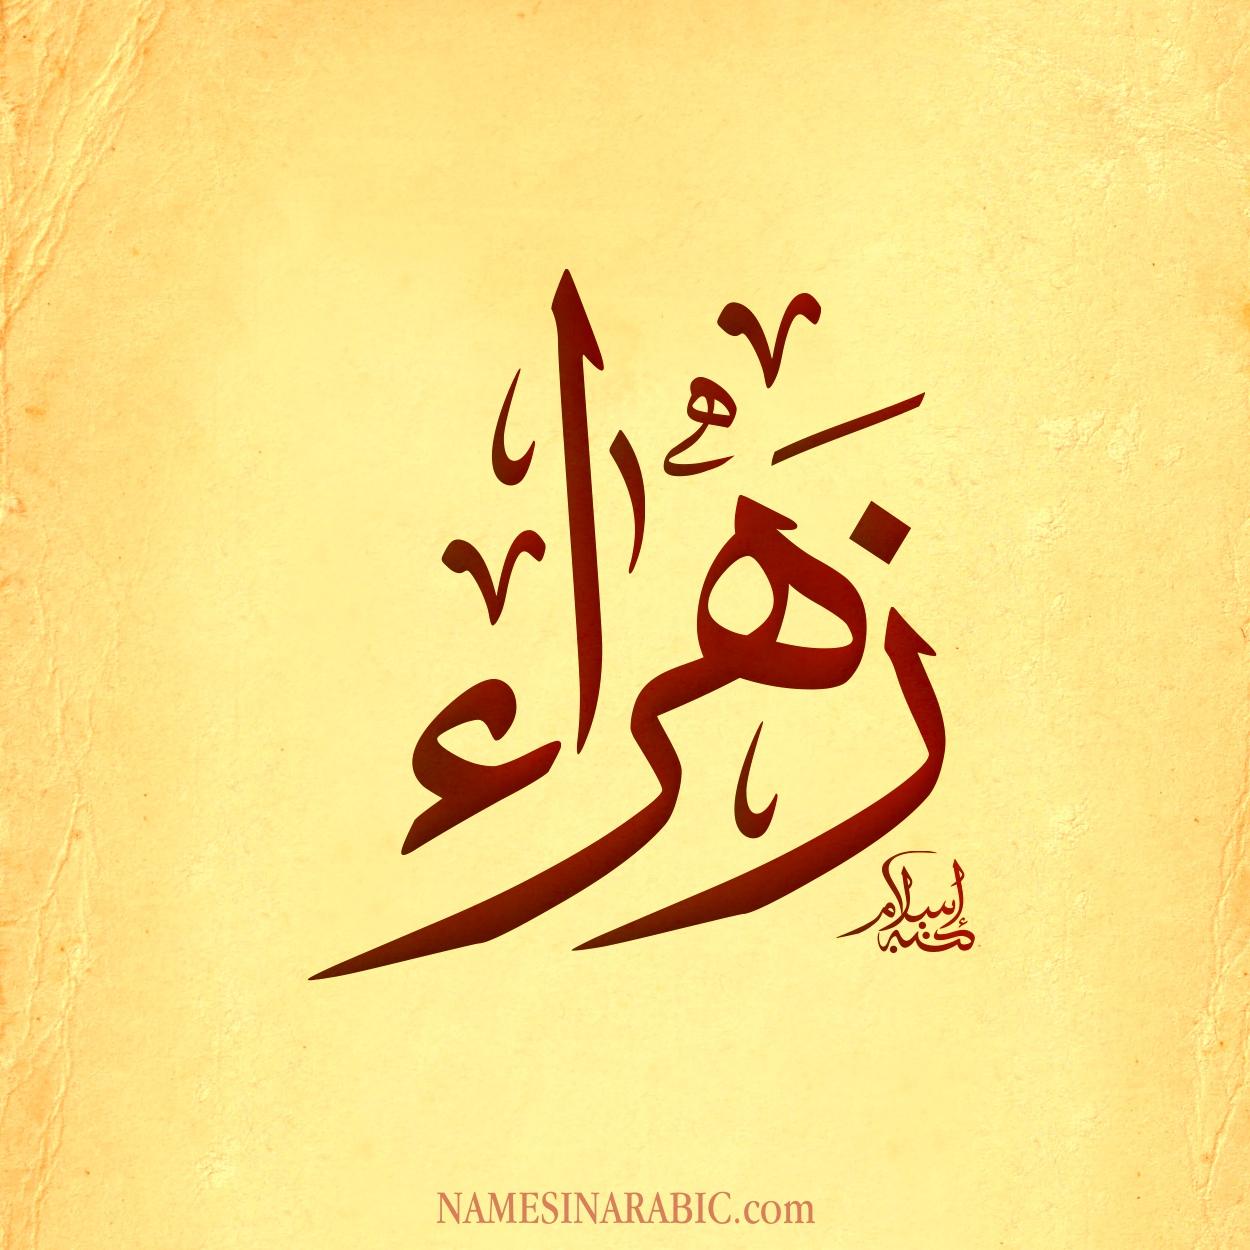 صور صور اسم زهراء , اجمل الصور لاسم زهراء